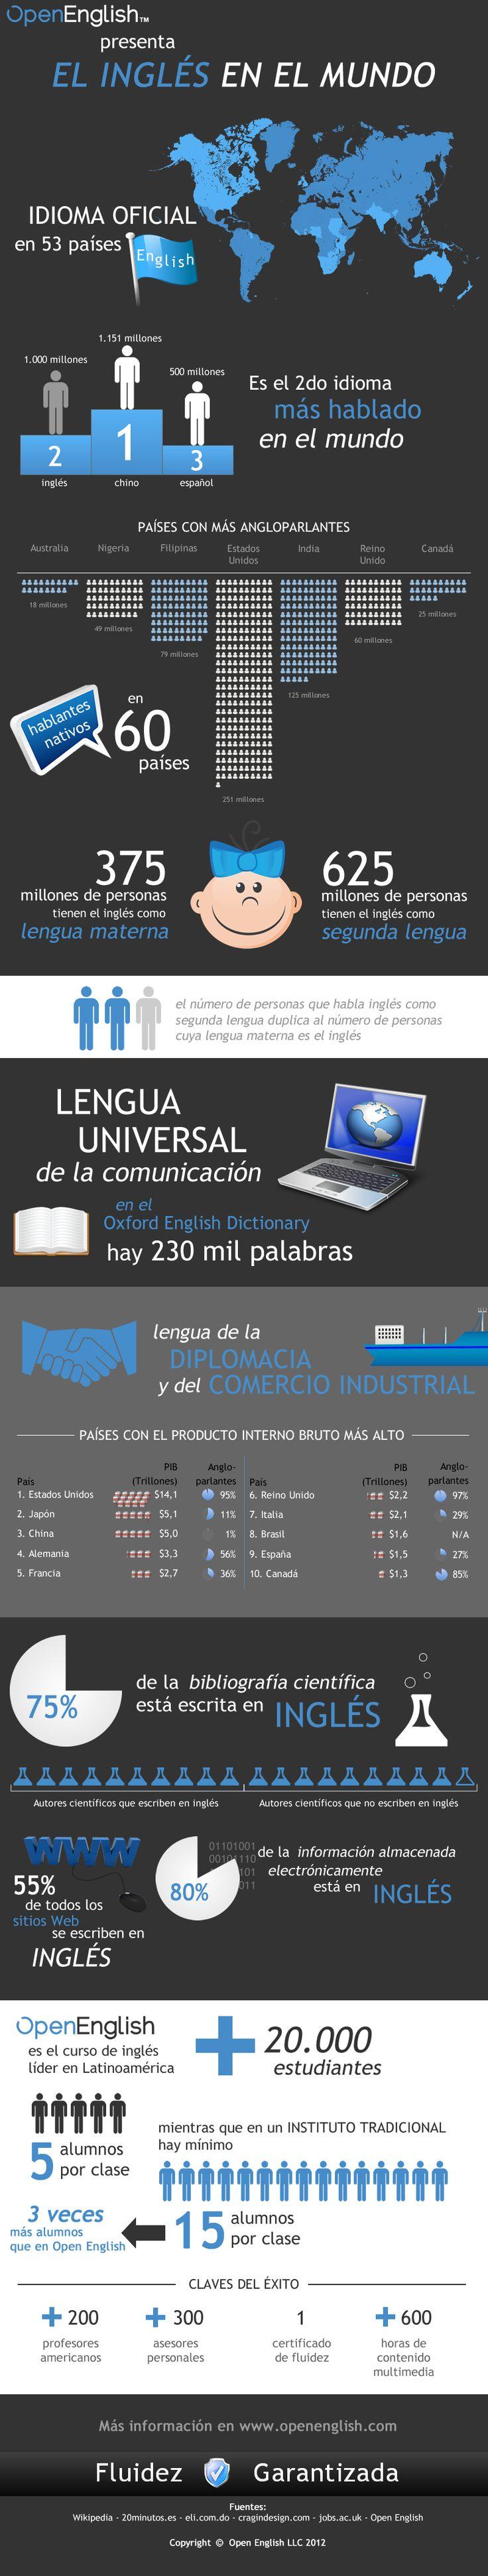 Aprende inglés: El inglés en el Mundo #infografia #infographic #education